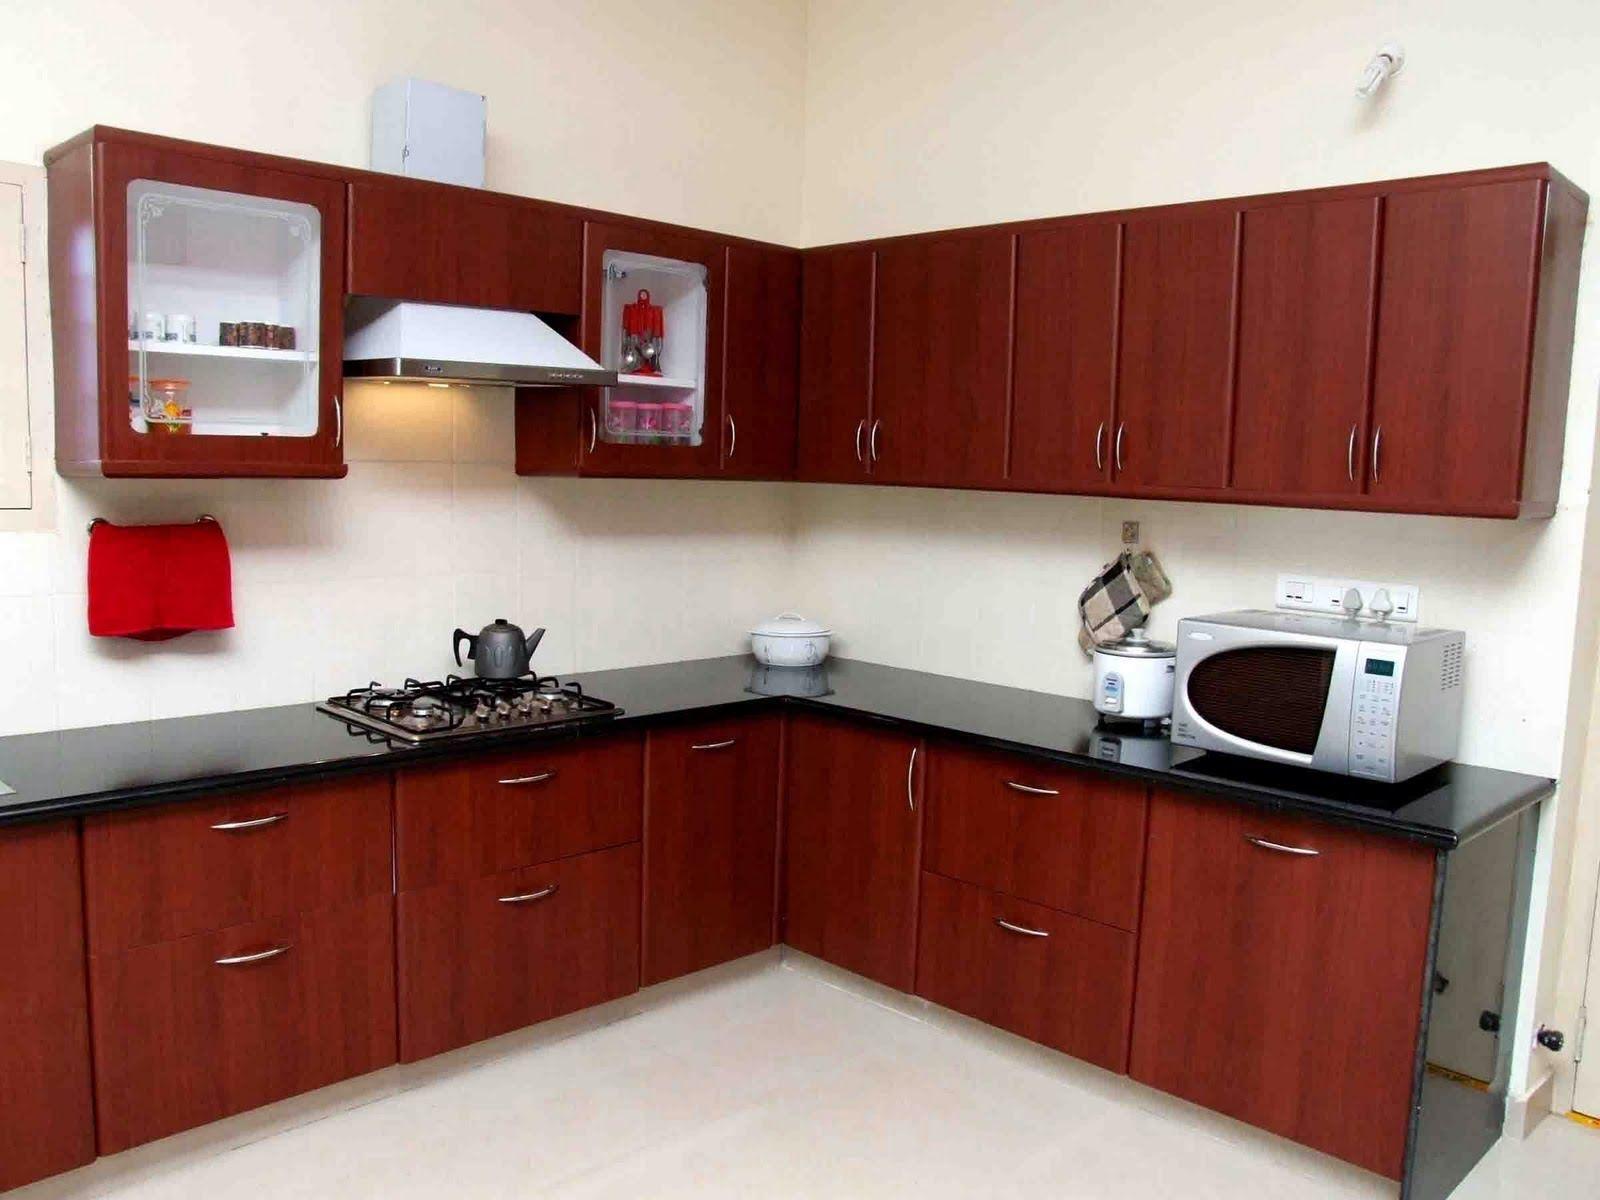 Küchendesign aluminium home exclusive durch anwenden von indischen küchendesigns  küche